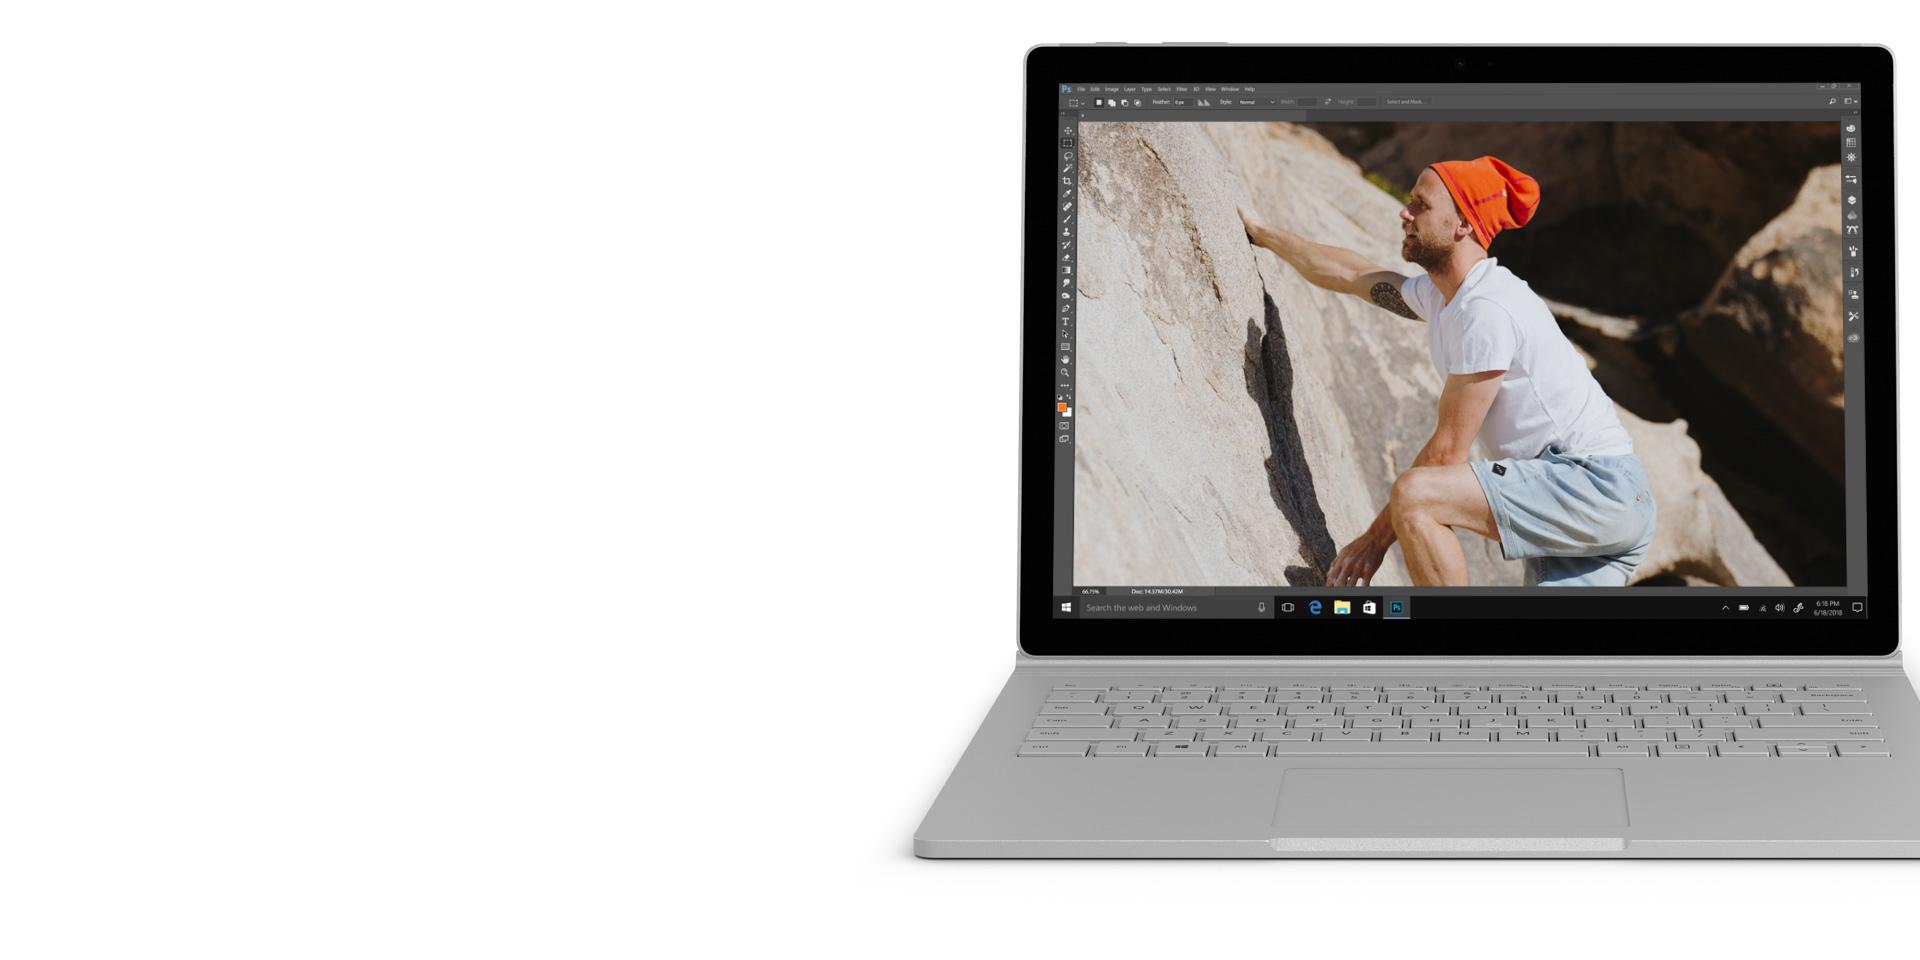 Adobe Photoshop sur l'écran d'un Surface Book 2